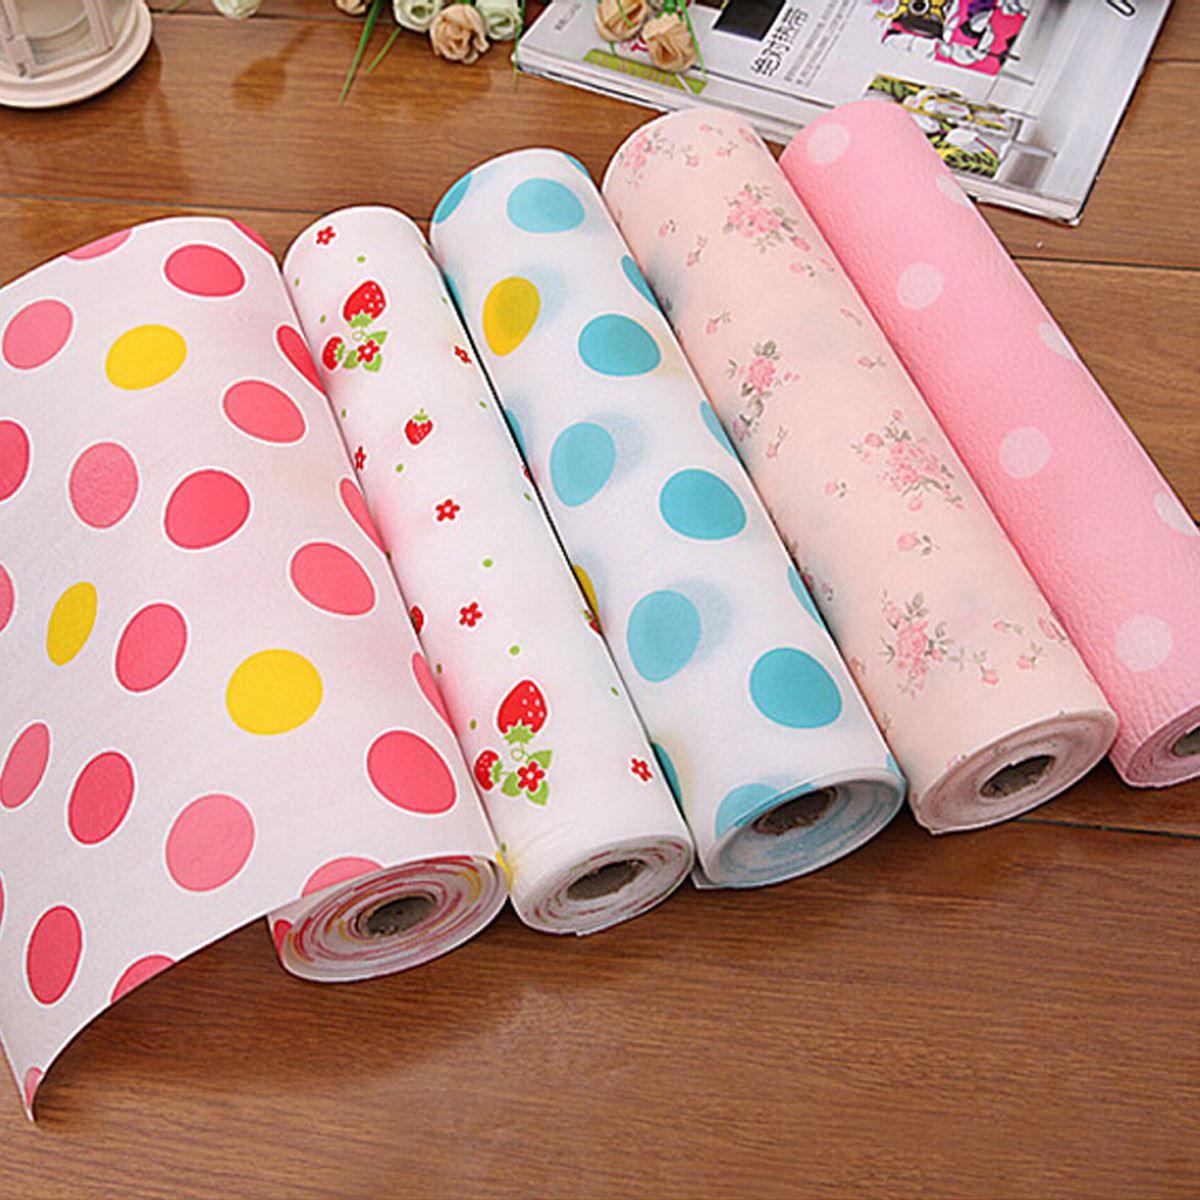 shelf paper for kitchen cabinets shelf paper for kitchen cabinets new color dot contact paper kids drawer liner decor mat